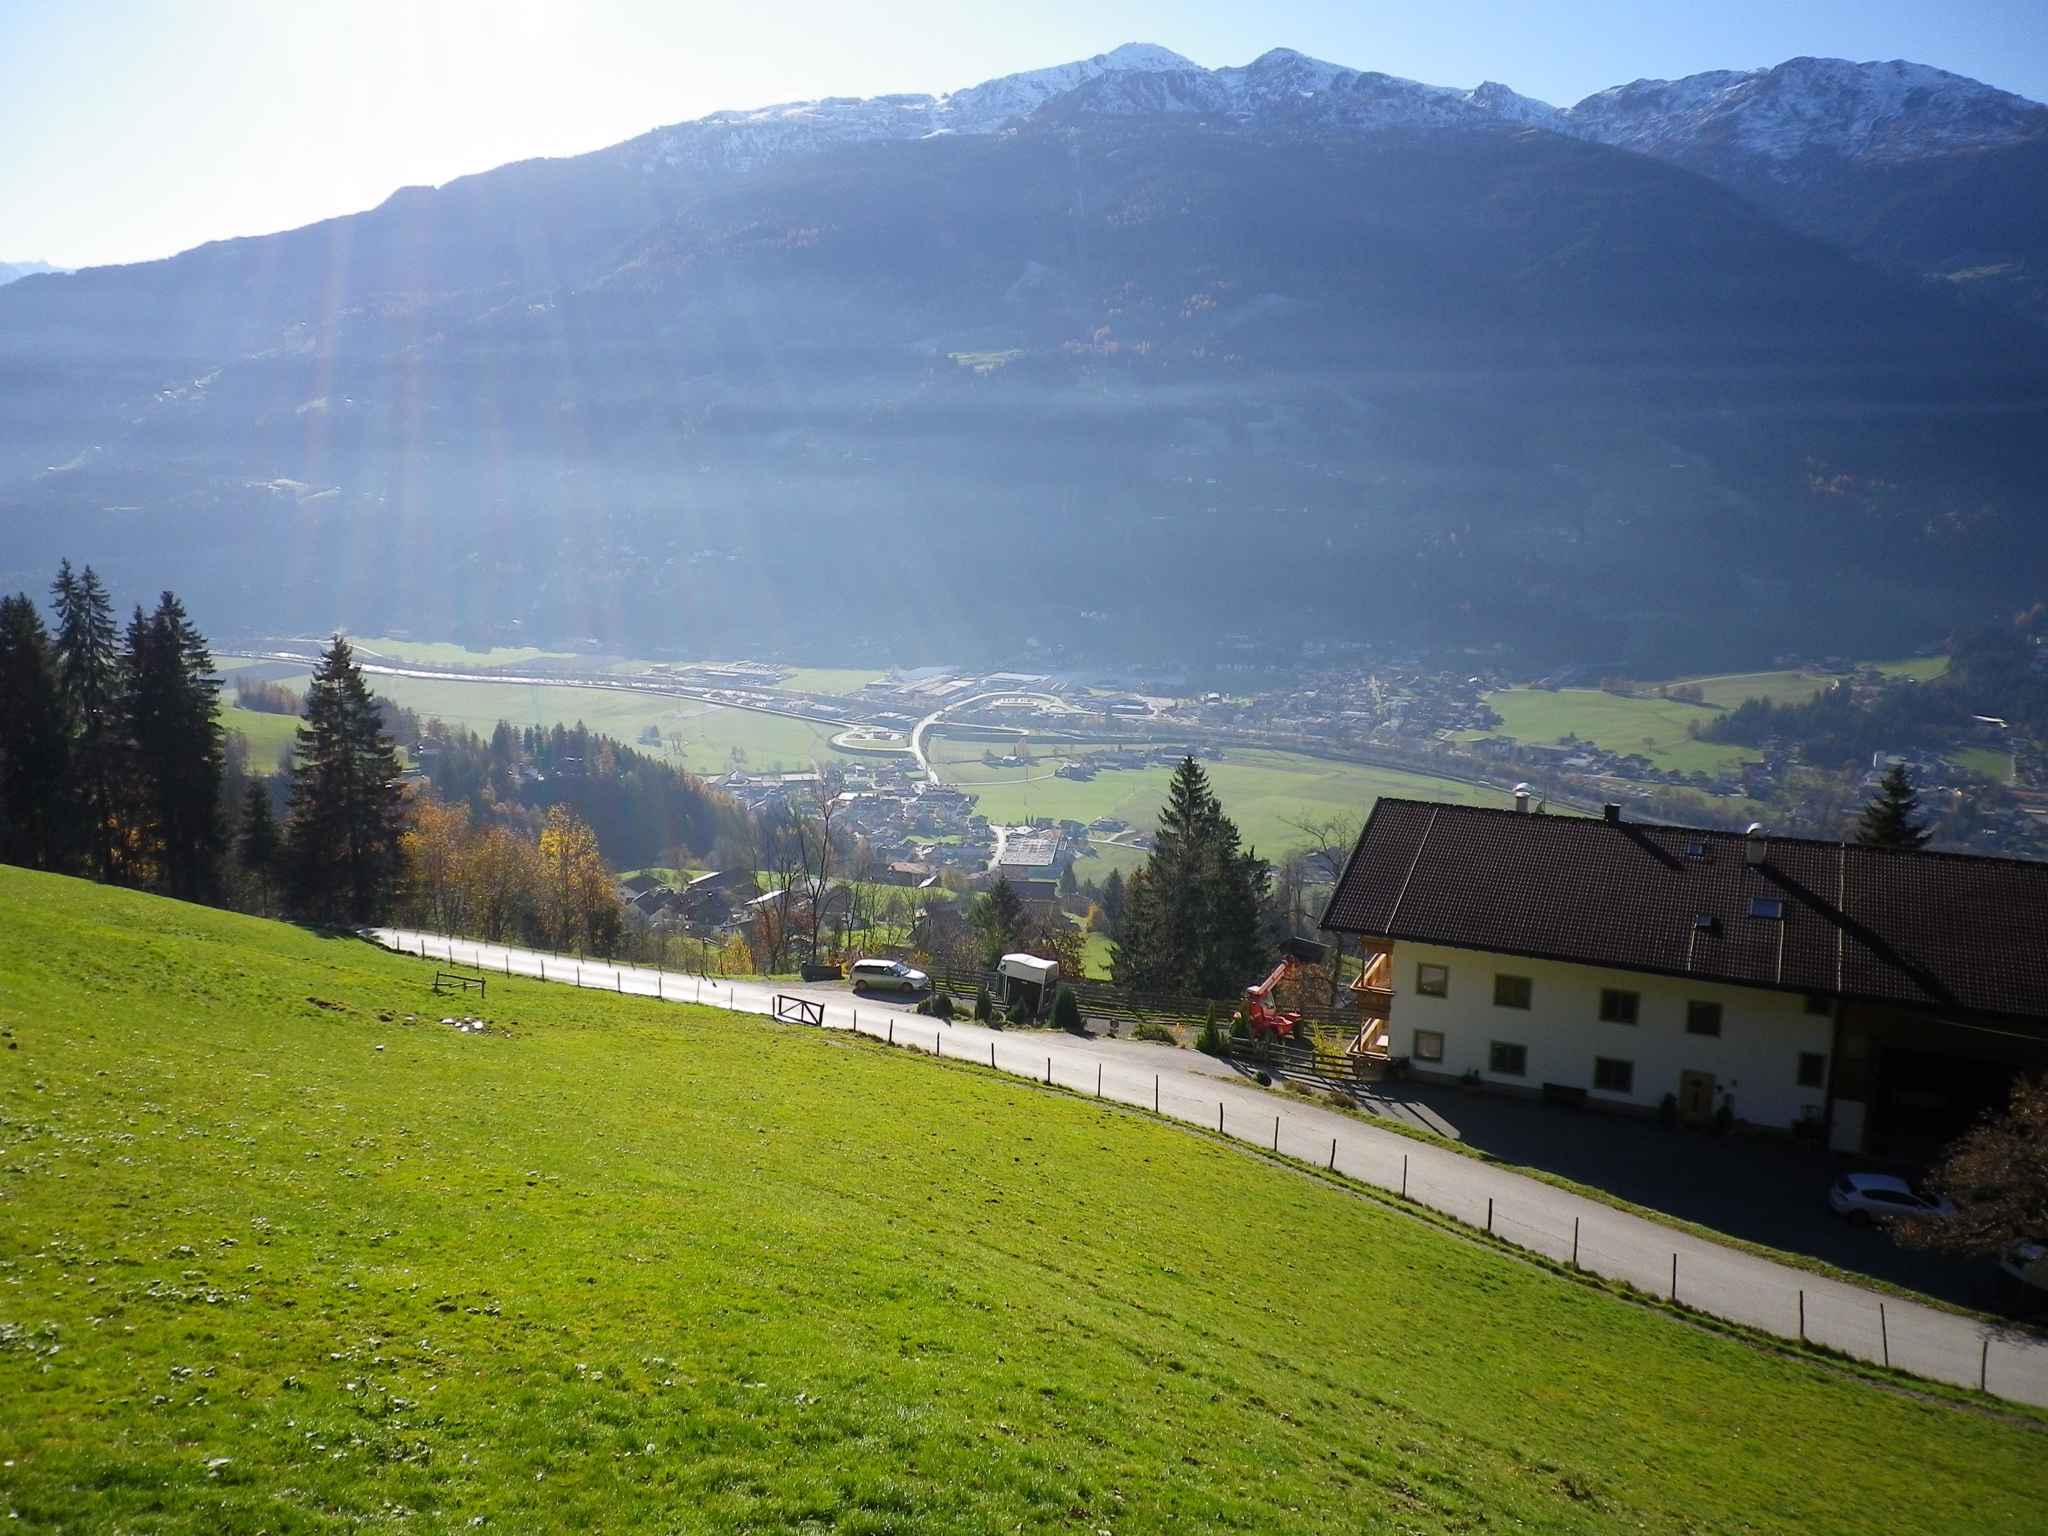 Ferienhaus mit Bergpanorama (283765), Stummerberg, Zillertal, Tirol, Österreich, Bild 2